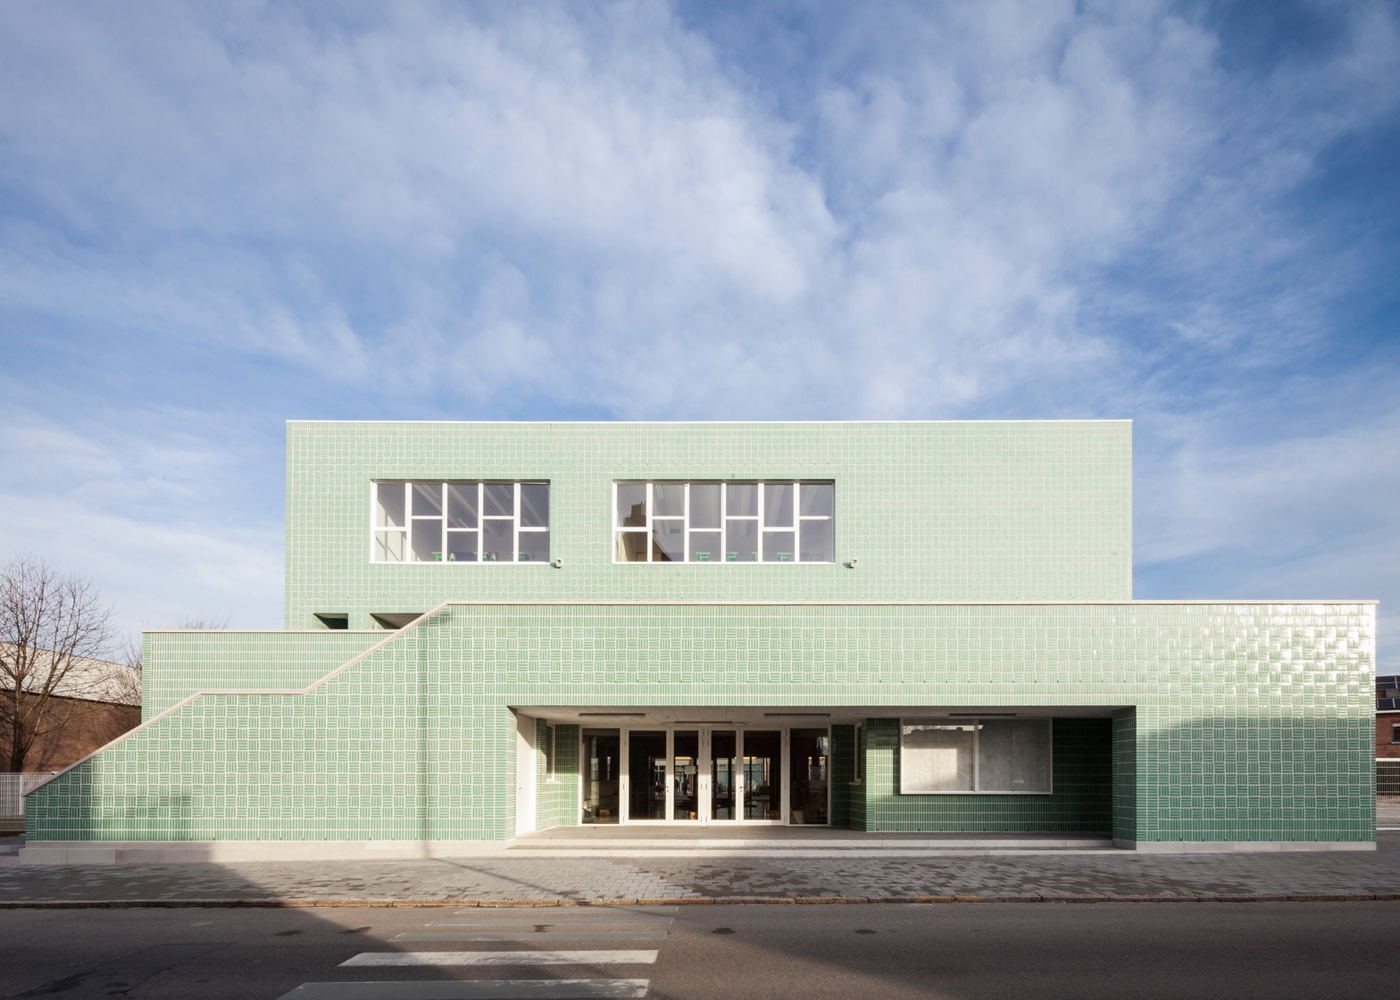 Primary school block in Belgium, designed by Areal Architecten.